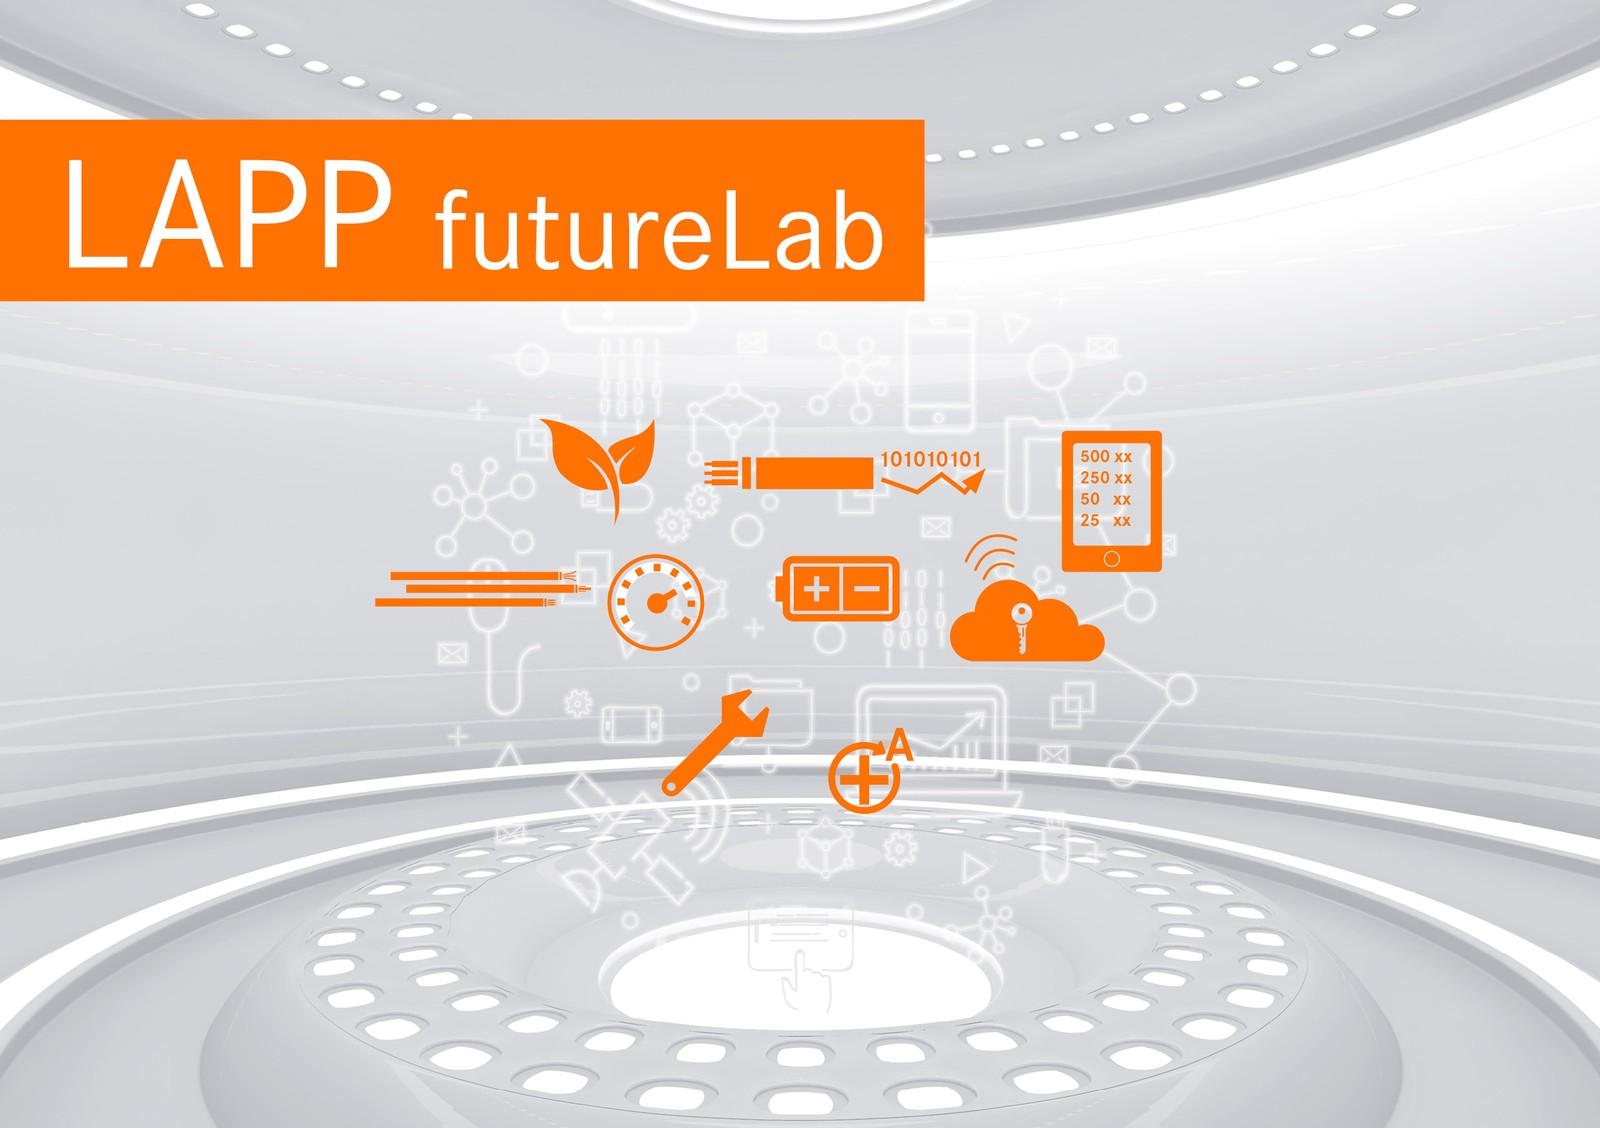 """Lapp auf der SPS Messe 2019: Das Lapp """"Future Lab"""" zeigt smarte Verbindungstechnik."""